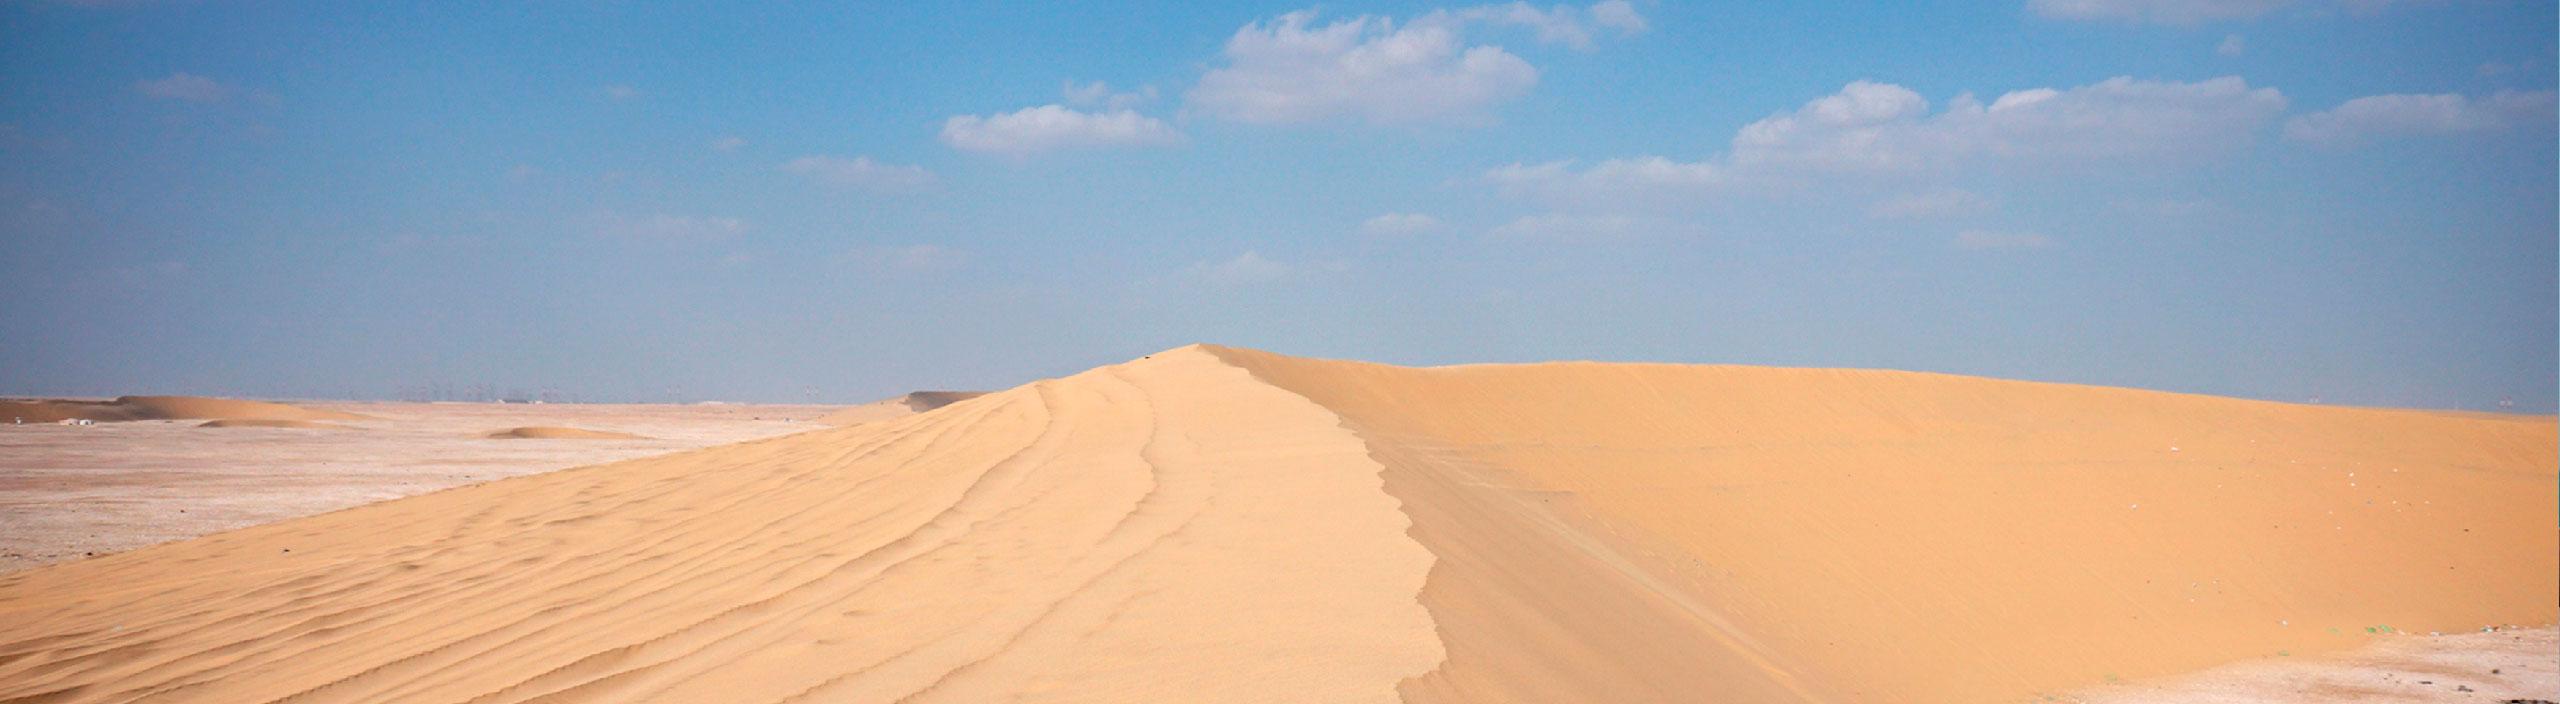 3_dune